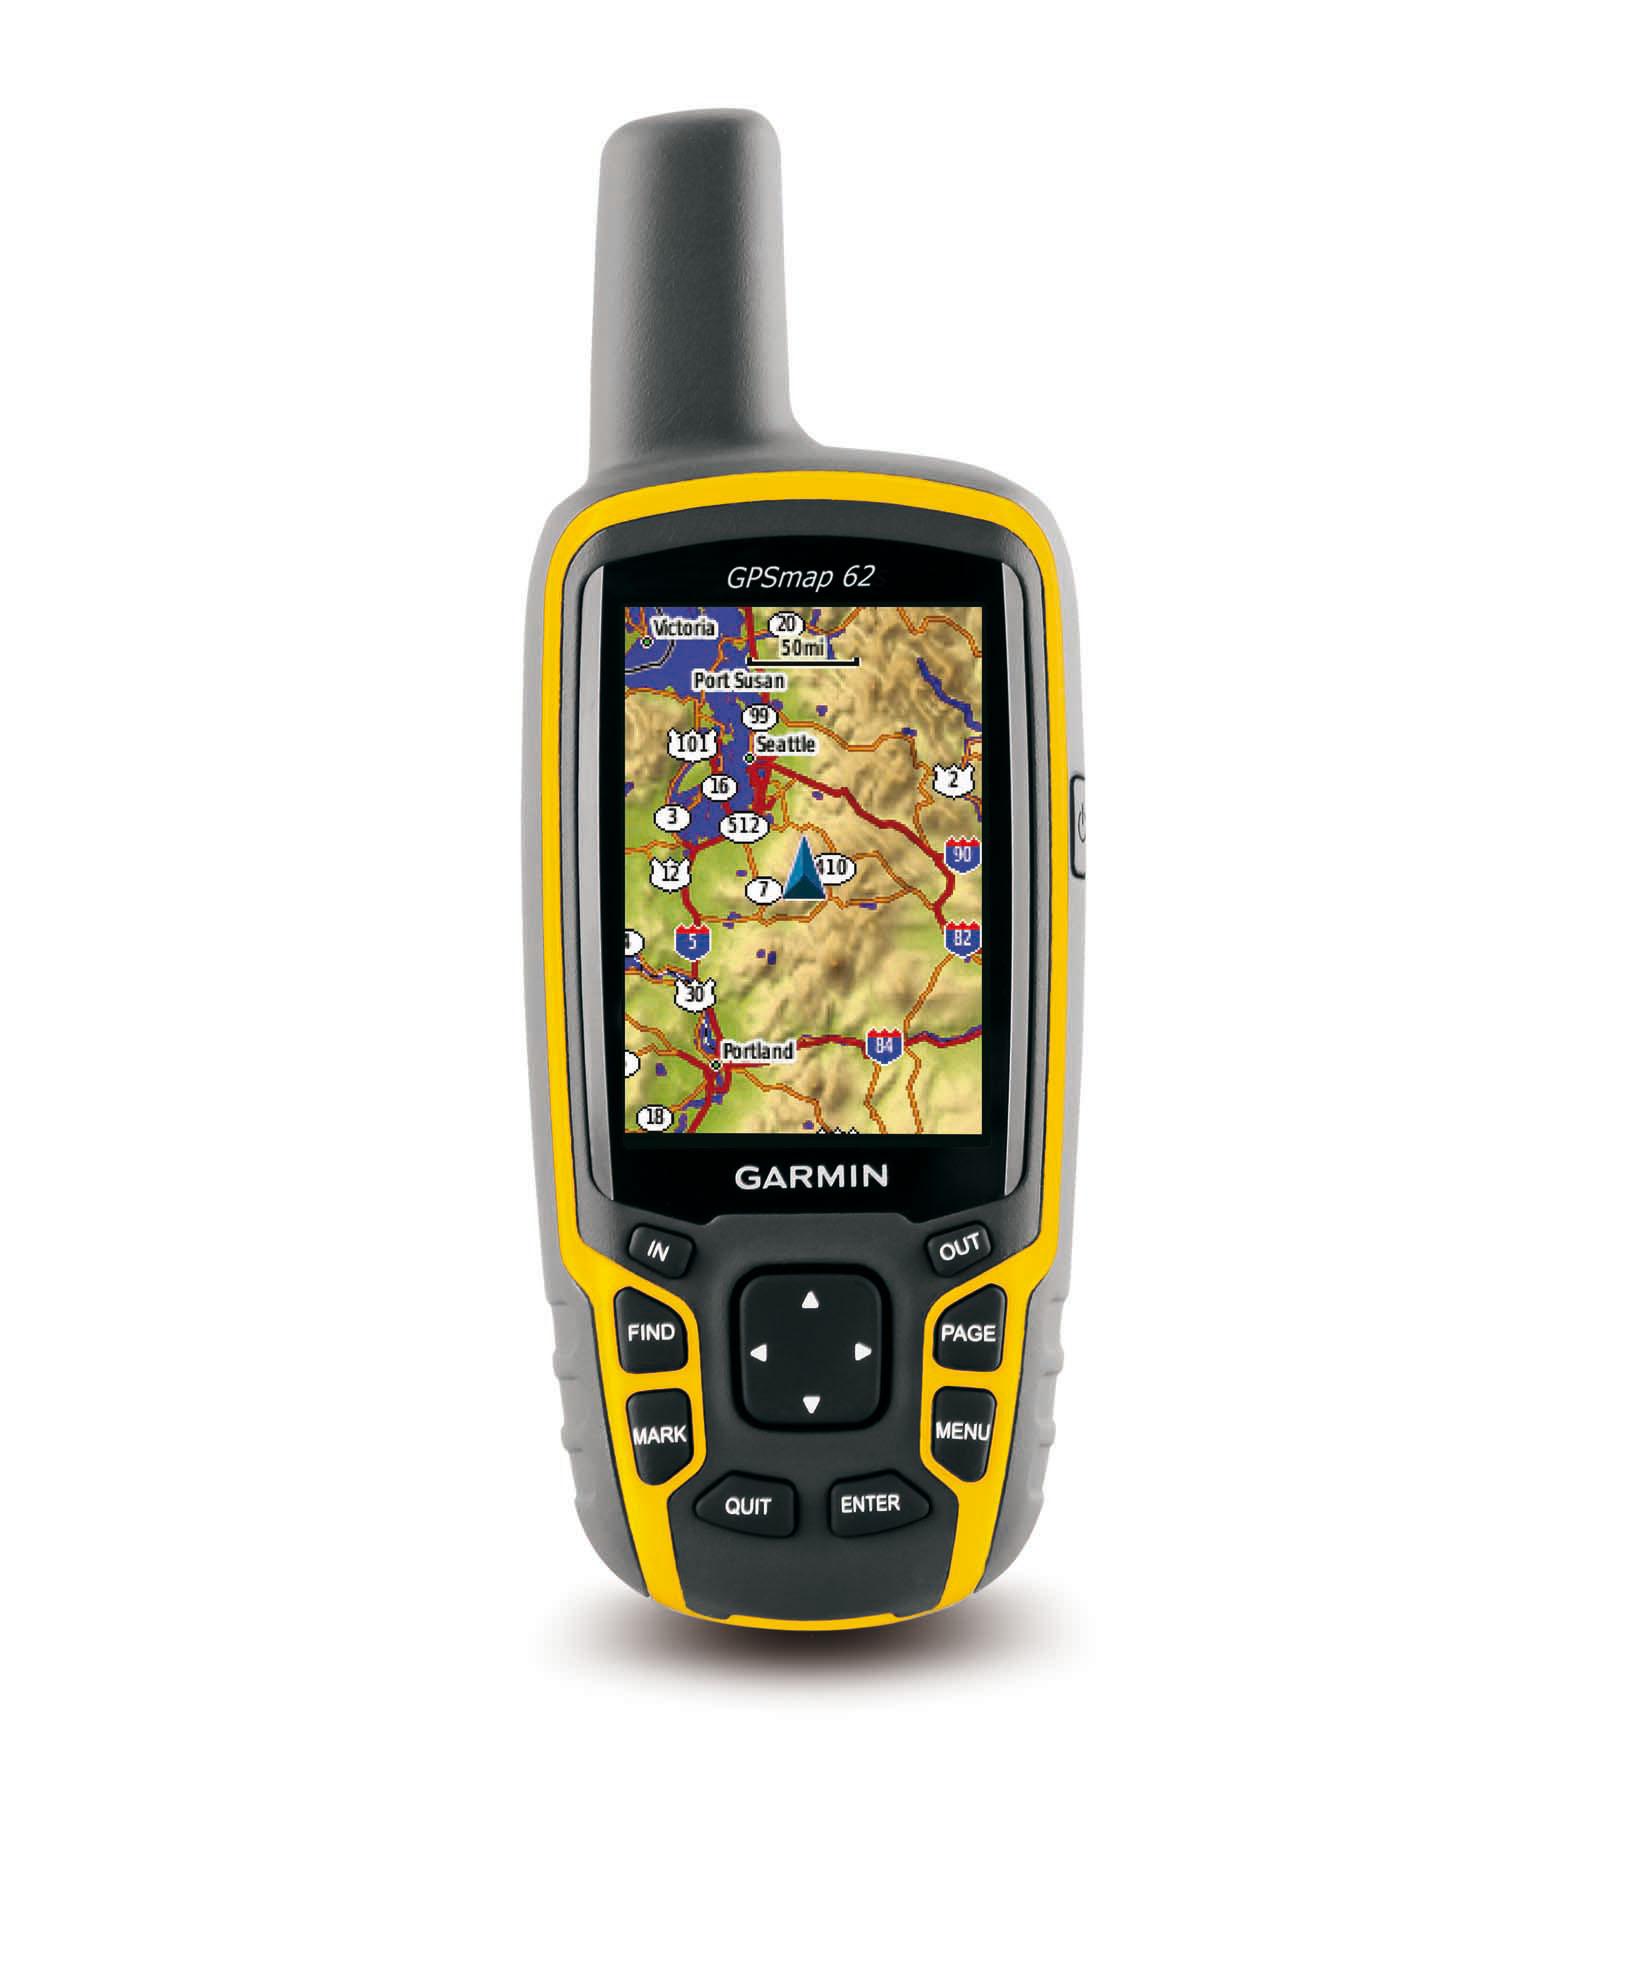 Garmin GPS Map62